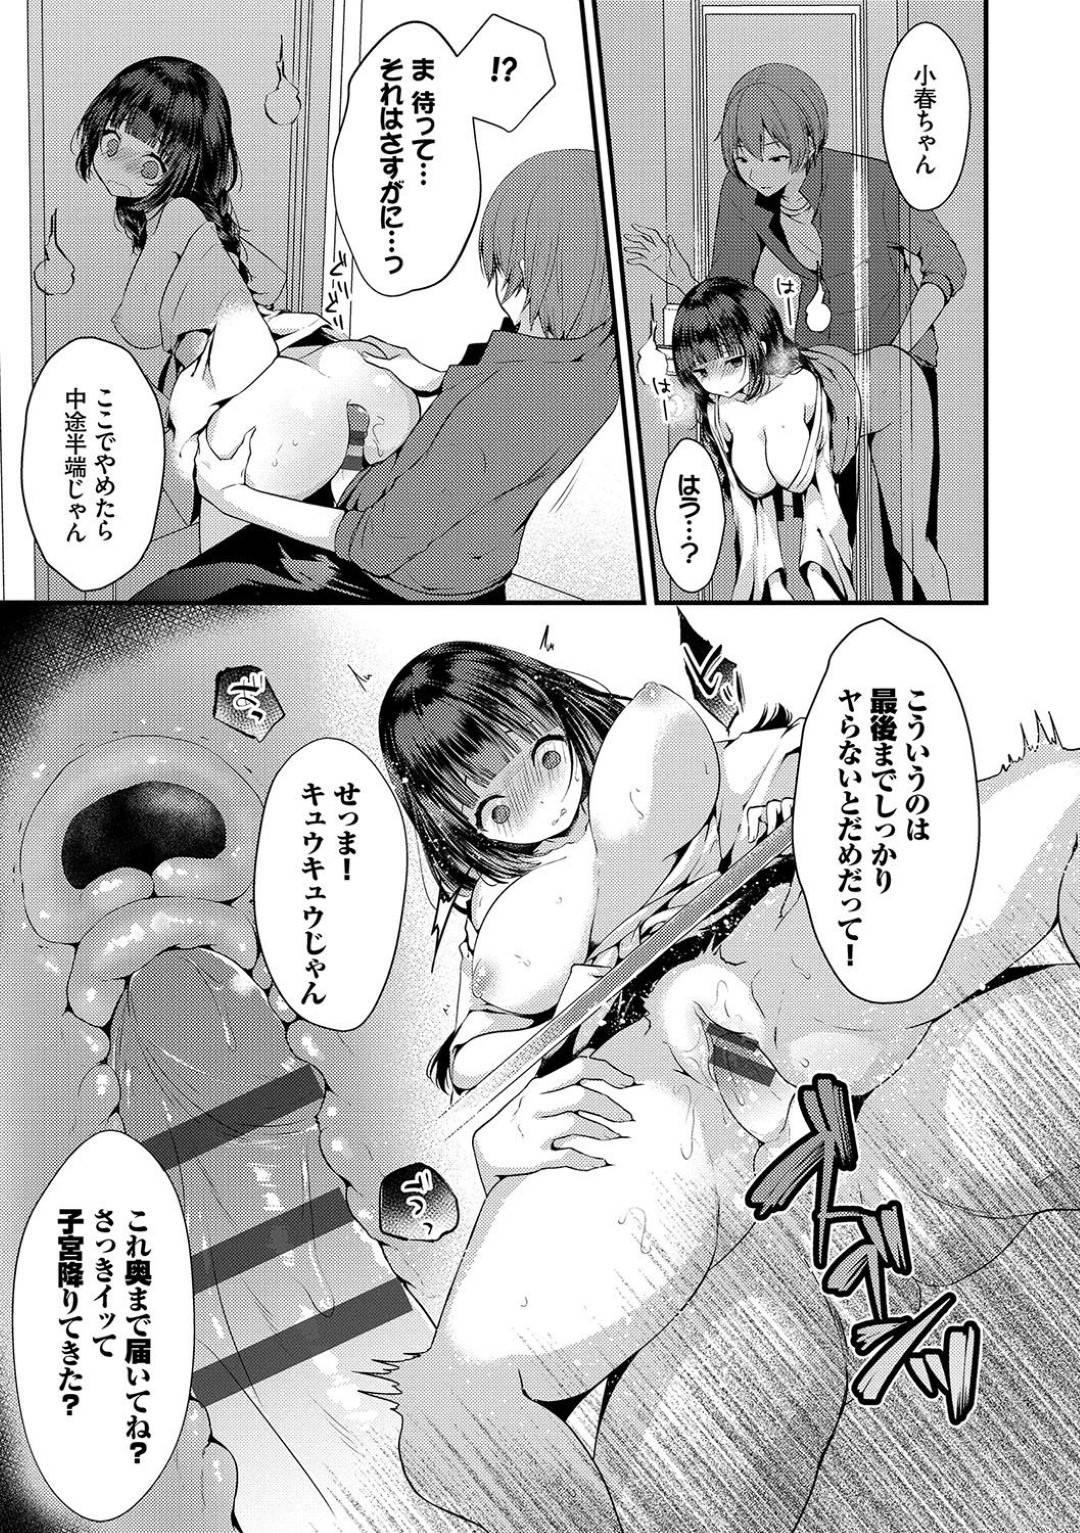 【壁尻エロ漫画】幽霊は玄関の扉に壁尻状態になっていると男にエッチなイタズラをされ中出しセックスで犯される【まれお】